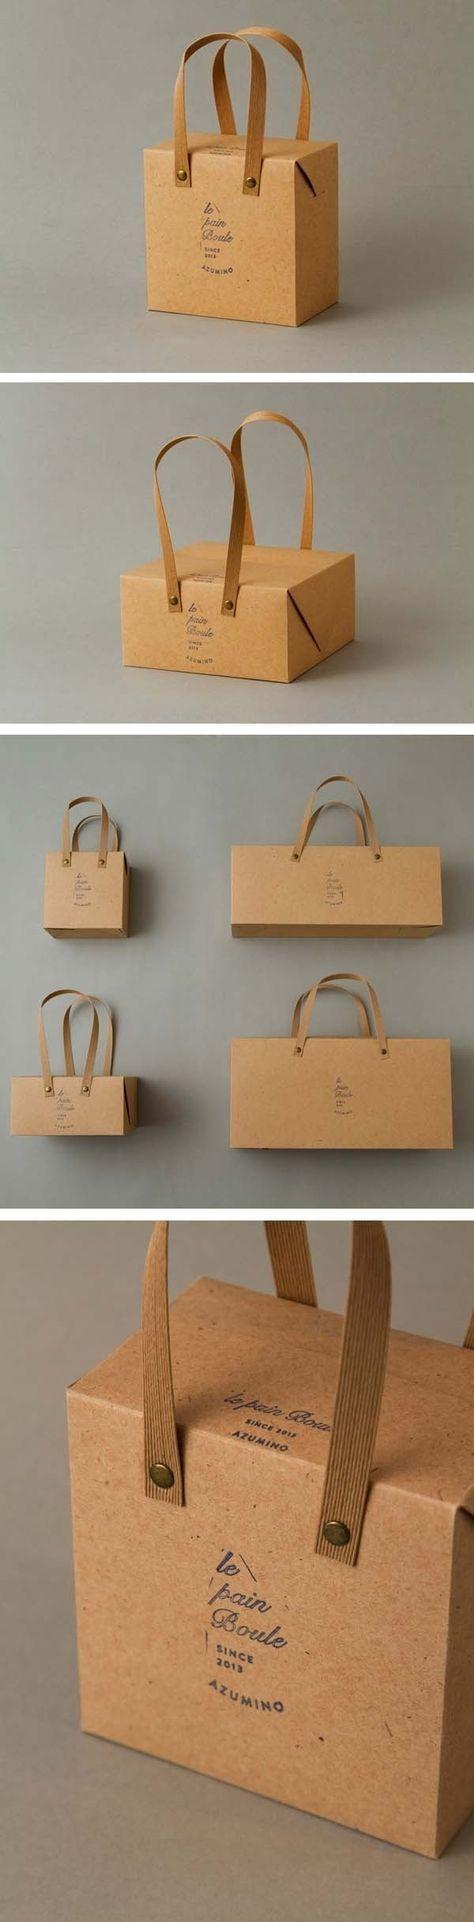 Förpackad -Sveriges största förpackningsblogg Förpackningsdesign, Förpackningar, Grafisk Design » Tjusiga lådor - CAP&Design - Norden